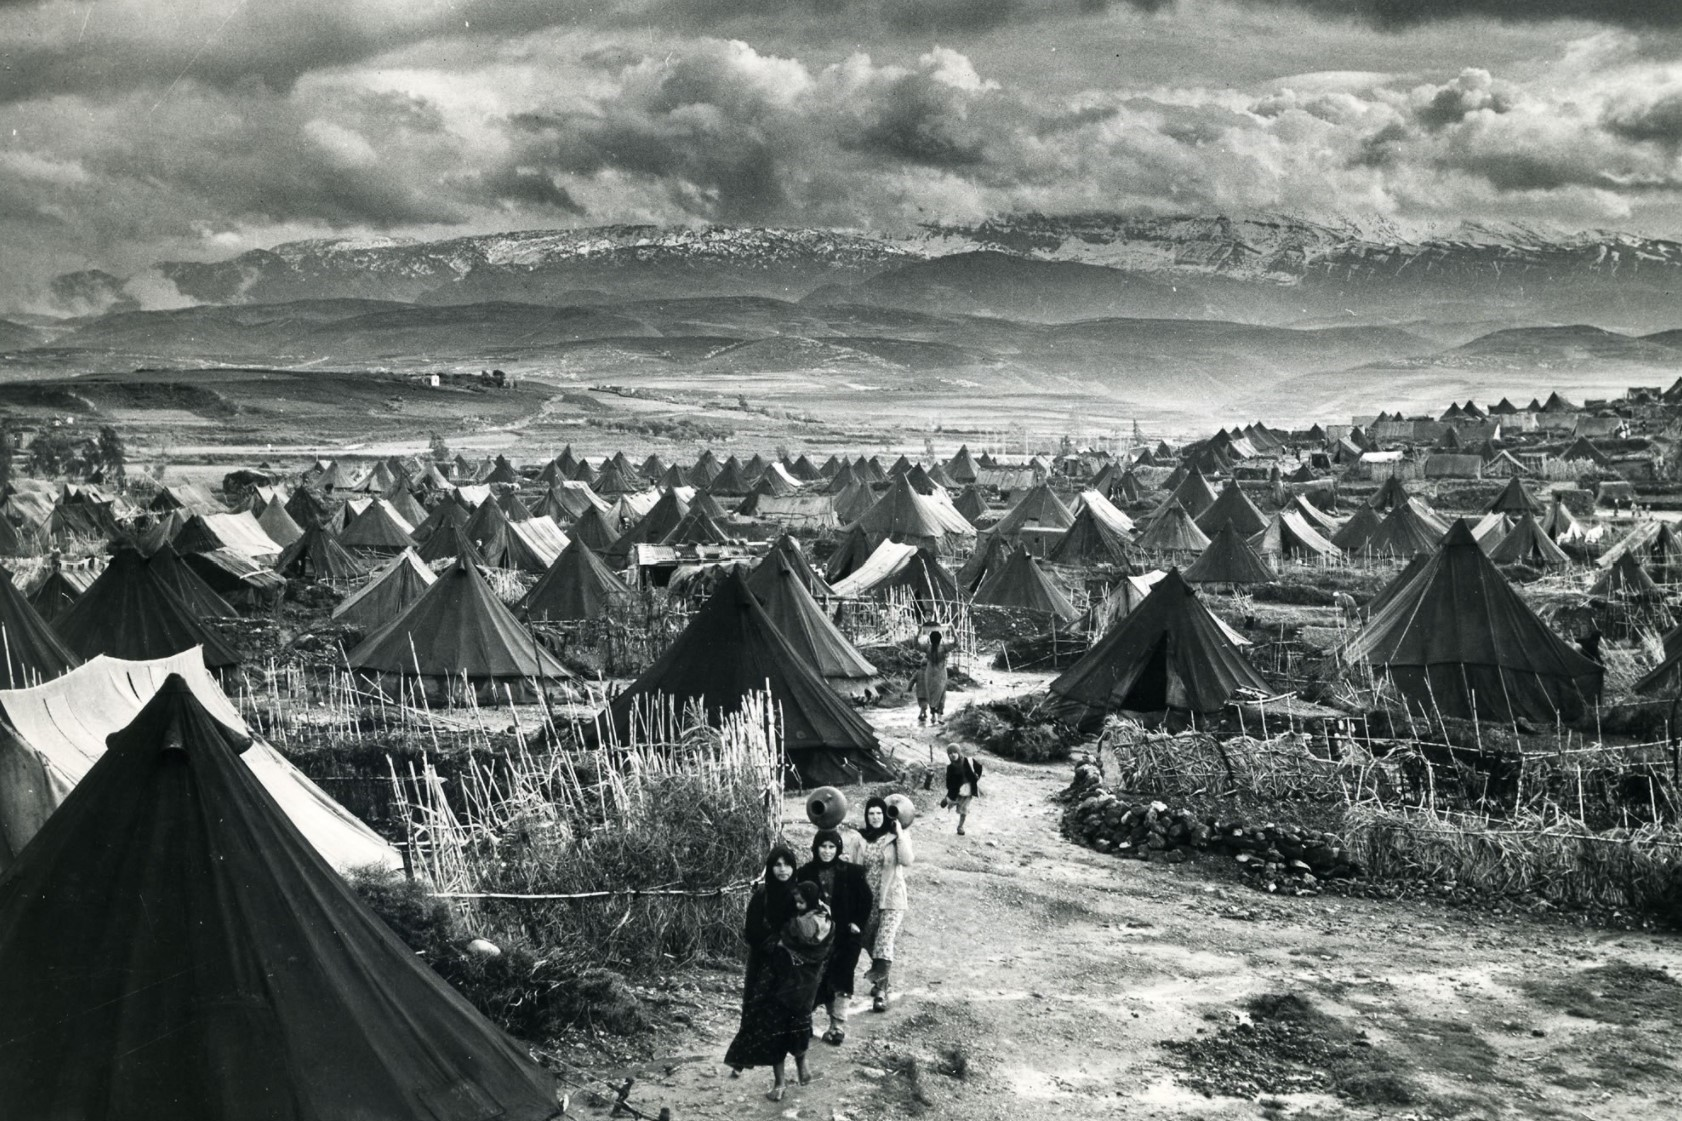 Palestinian refugee camp Nahr al Bared 1948